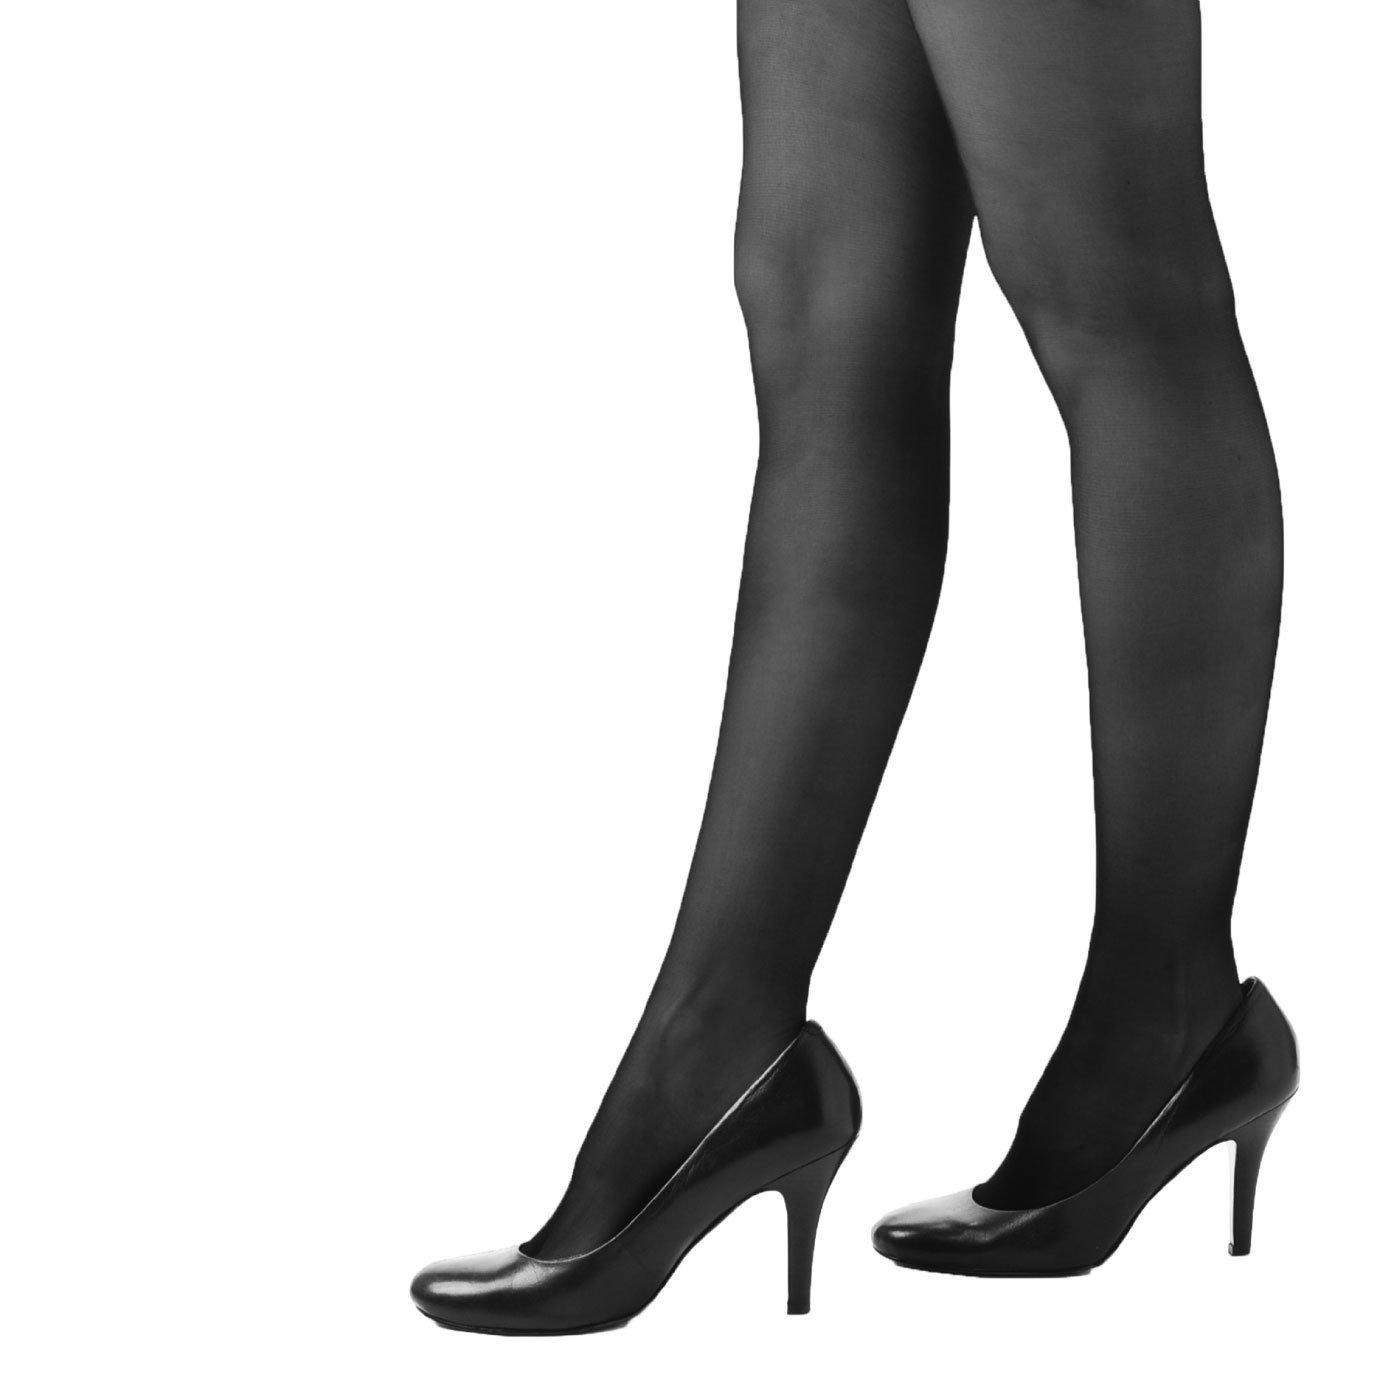 四季の弔事にピッタリ 上品な大人ブラックの礼装用ストッキング 3足セット